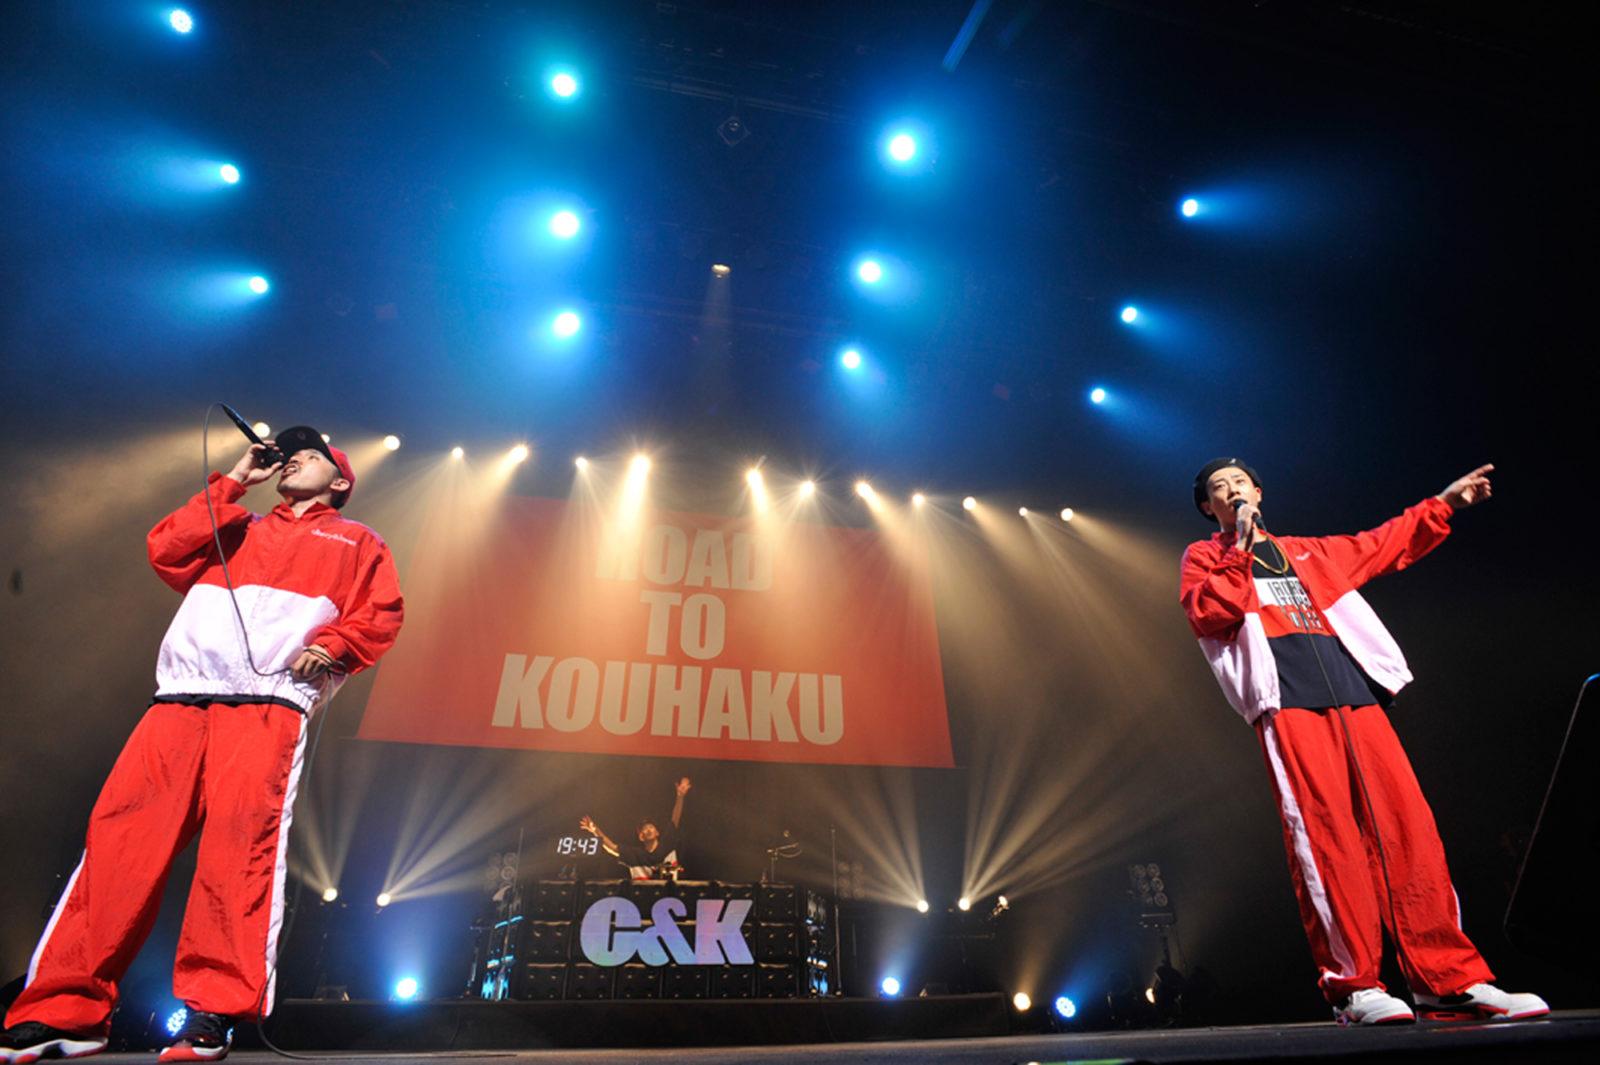 主要ランキング12冠!新曲「Y」が各所から「泣ける」と話題のC&Kが過去最大30,000人動員の全国ツアーを終了サムネイル画像